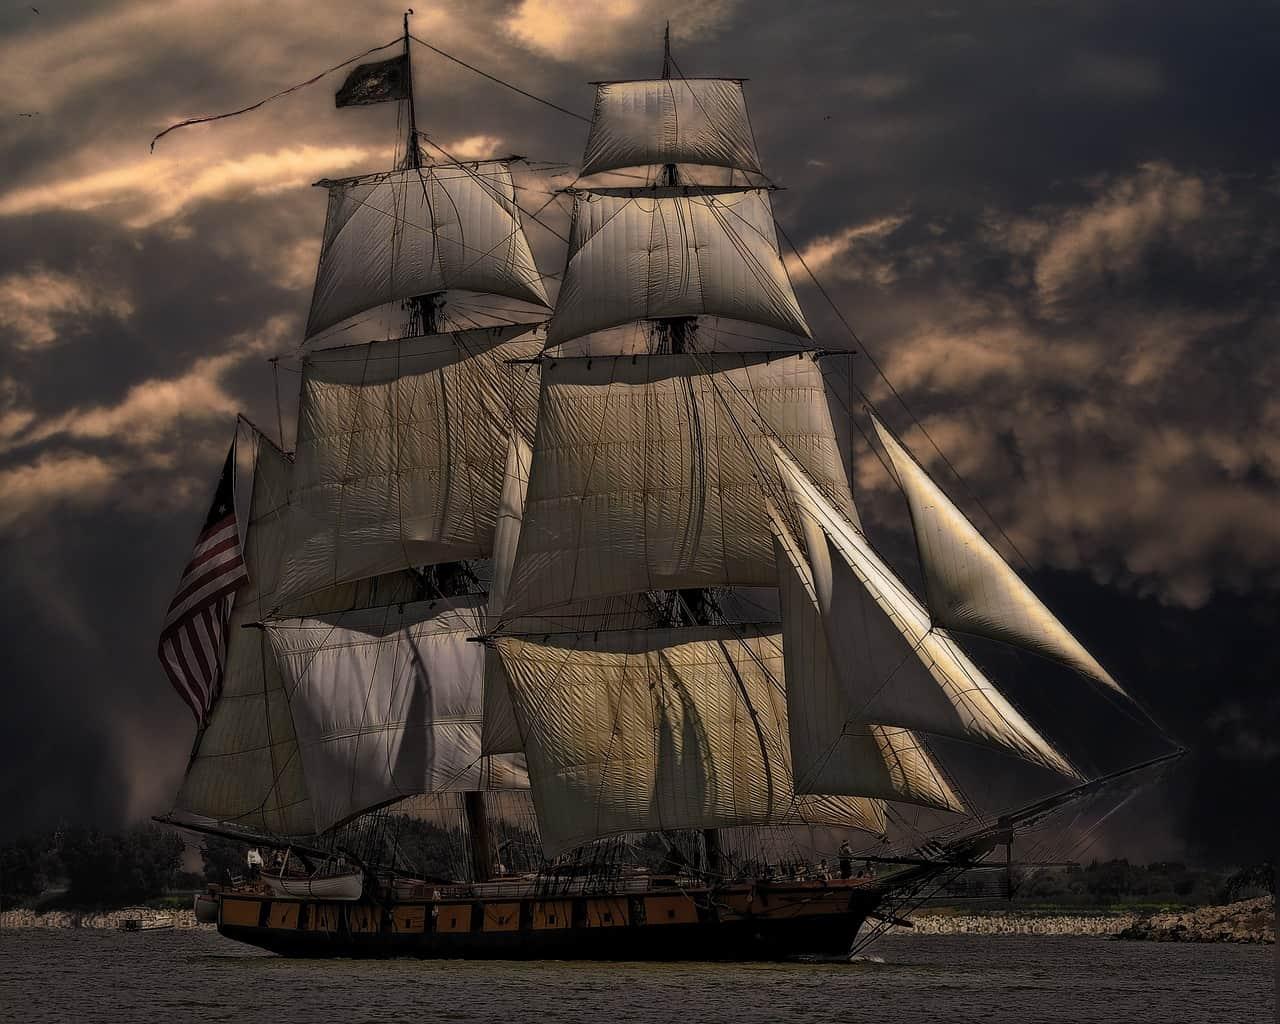 תמונה של ספינה